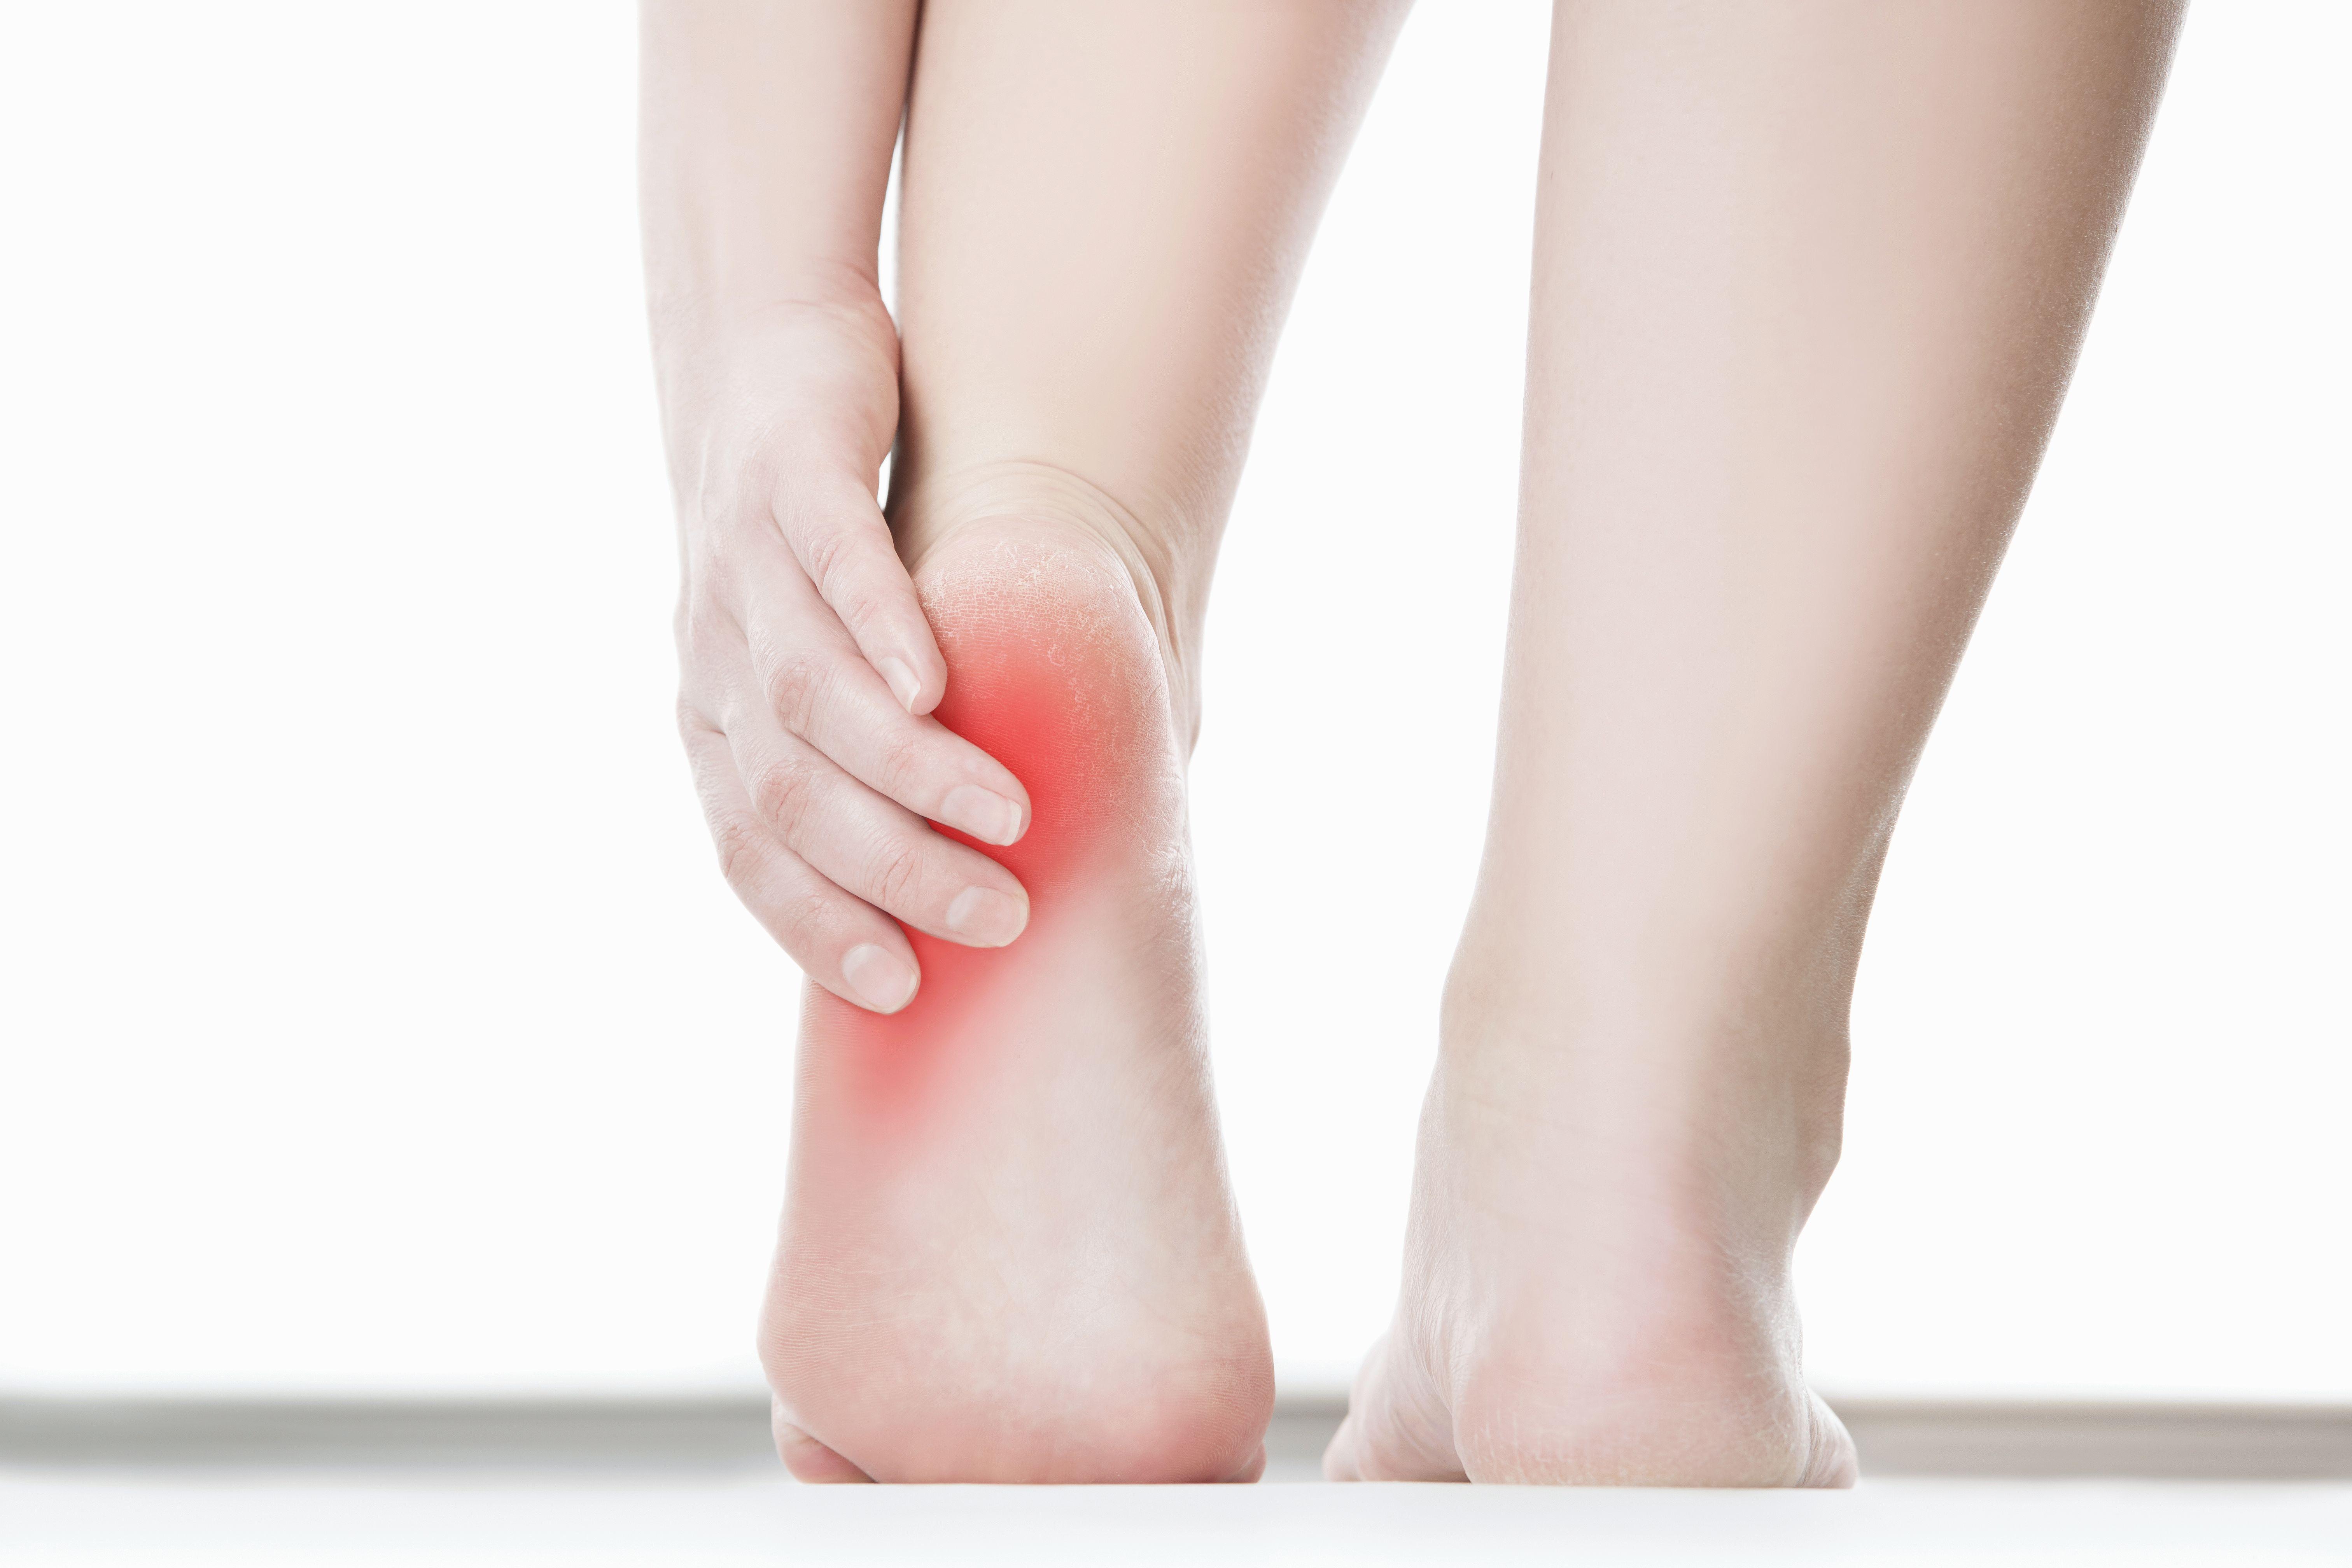 Как лечить варикоз на ногах на начальной стадии